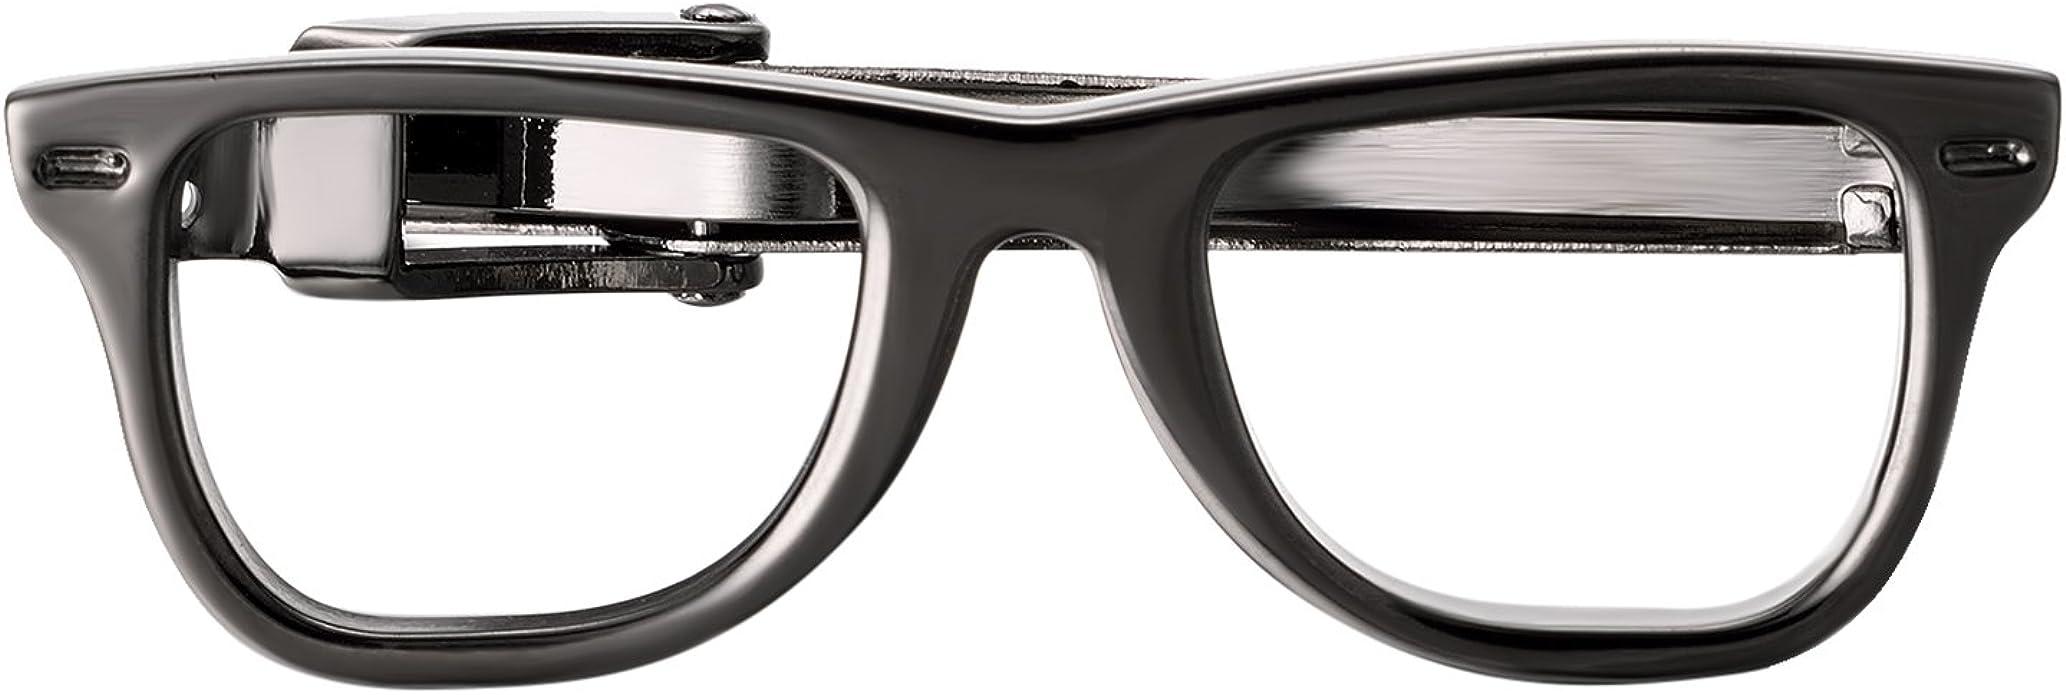 Fashion Collocation Classic Tie Clip Silver Tie Clip Glasses Tie Clip Novelty Accessories Gift For Man